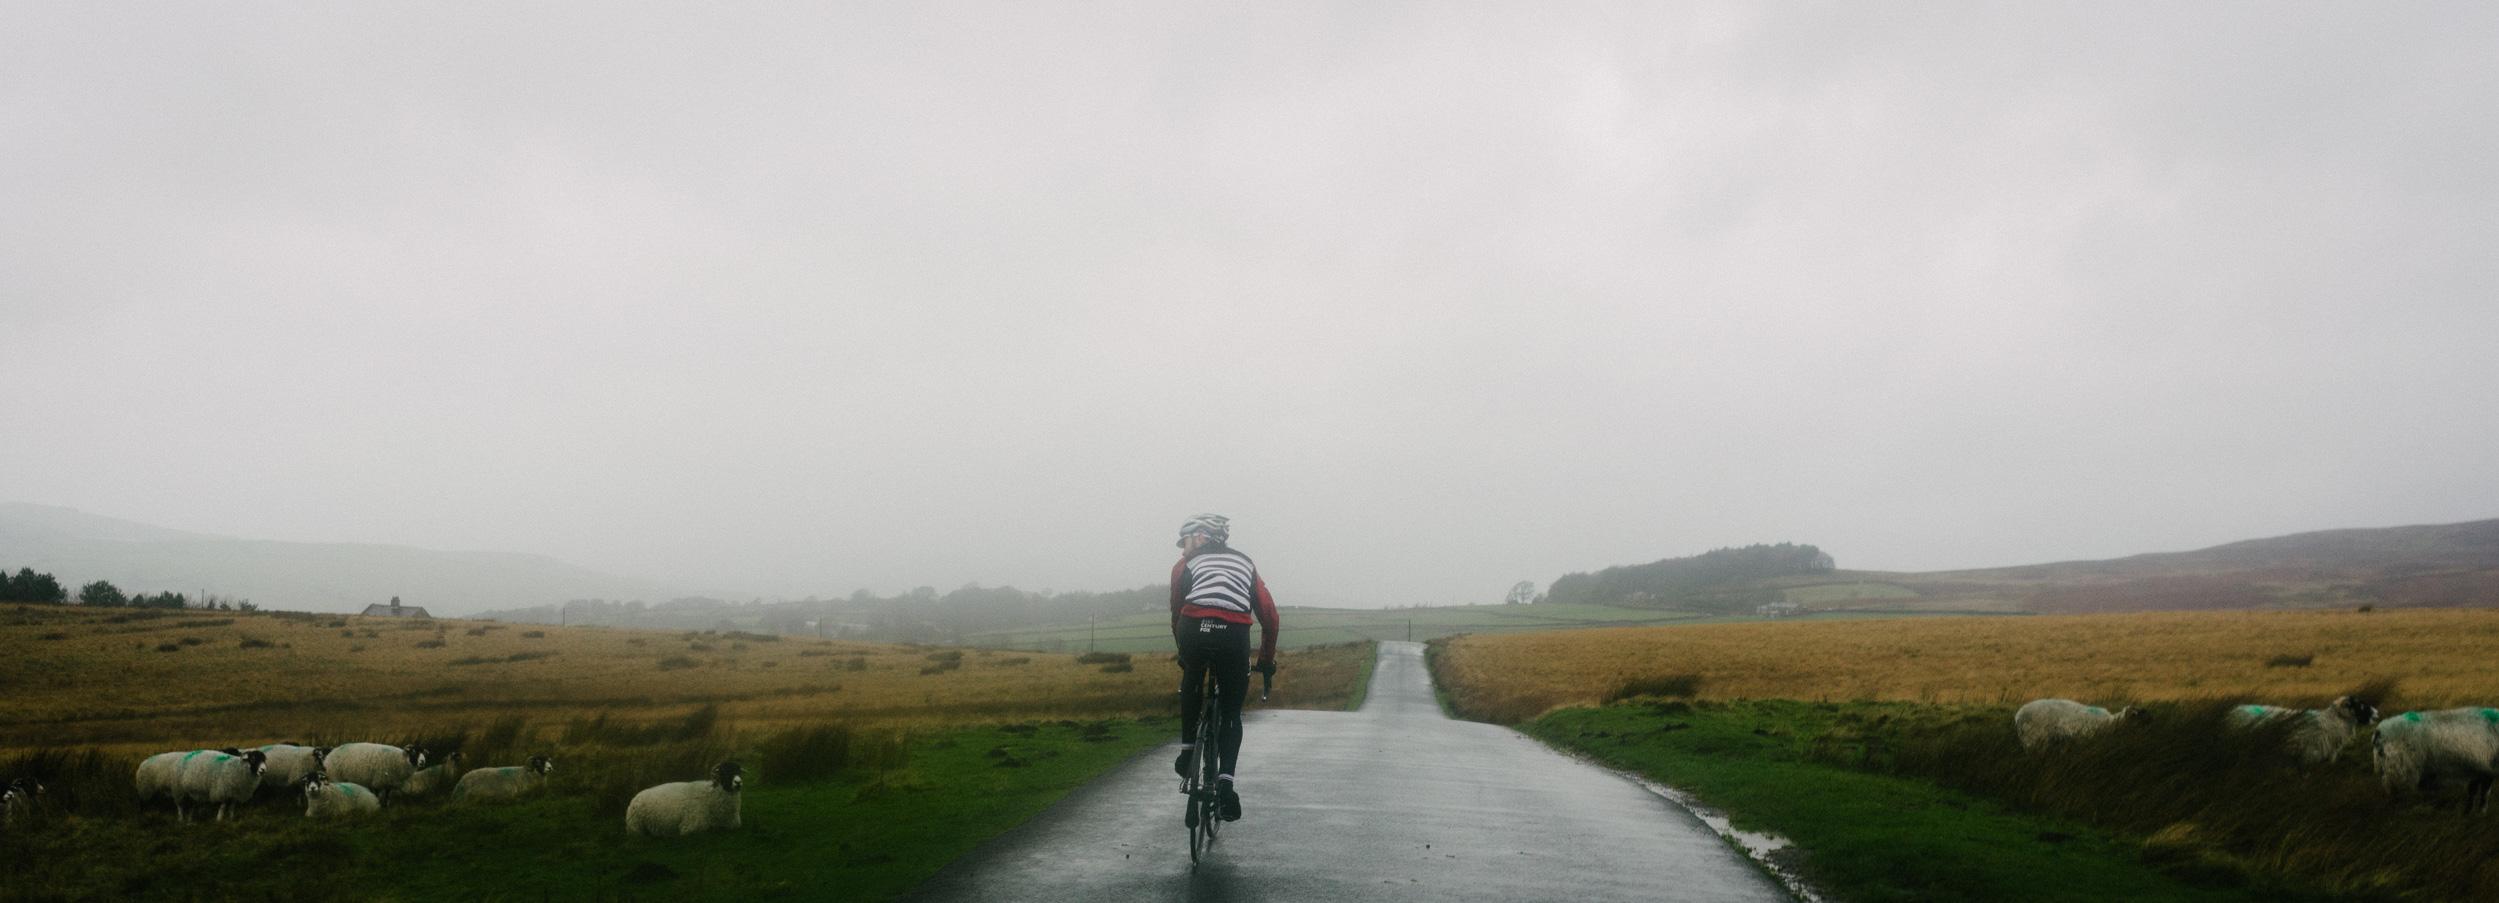 Mountain Biking in Wales-1002.jpg